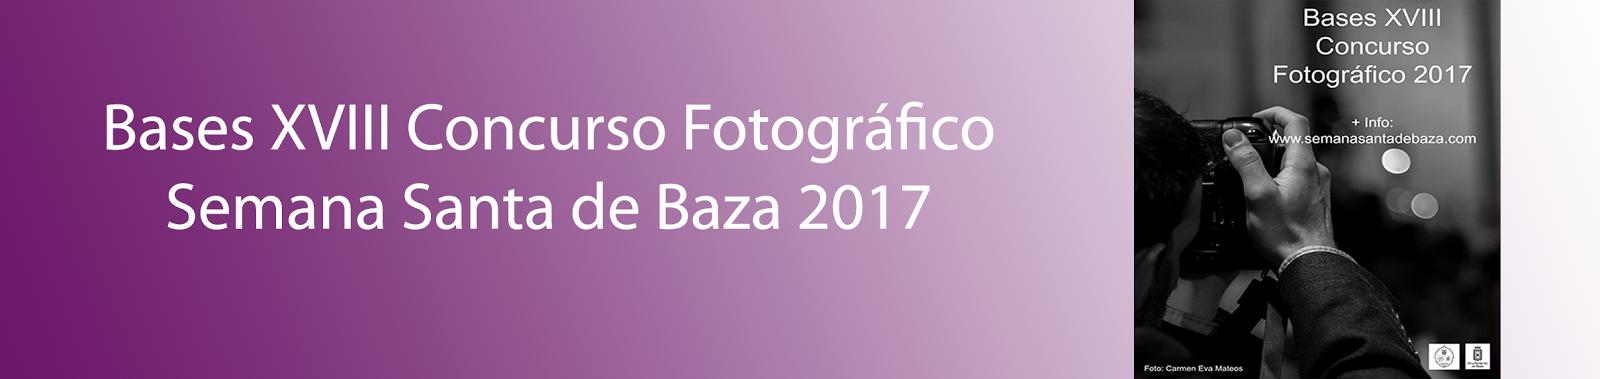 Bases concurso fotográfico